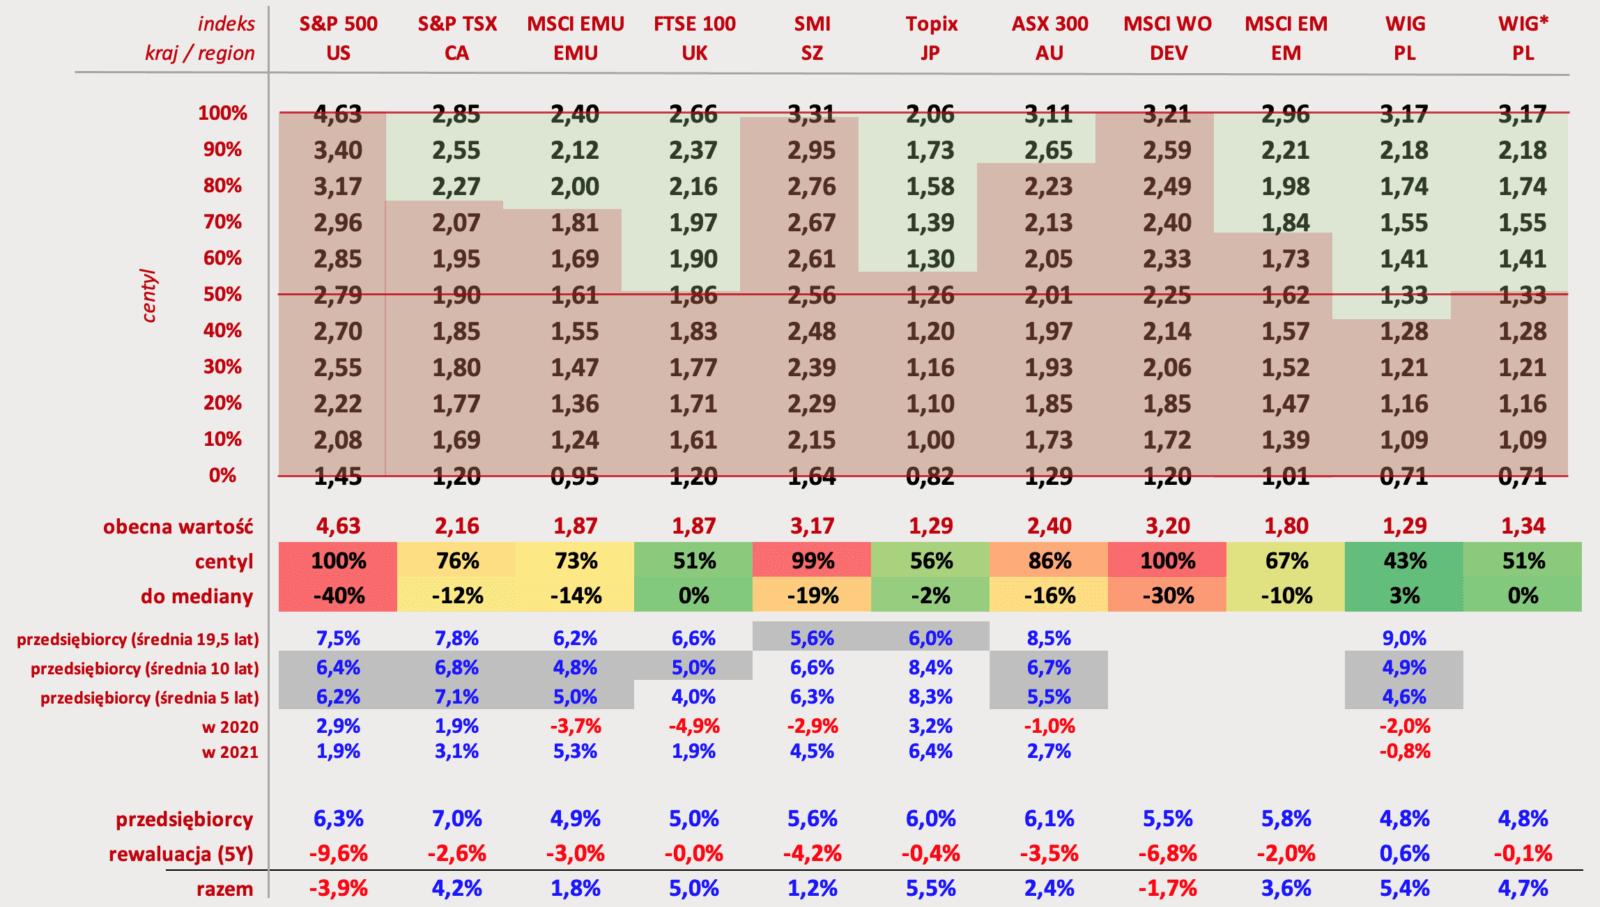 Tabela prezentująca wyceny głównych indeksów giełdowych dla większości rynków na 30.06.2021